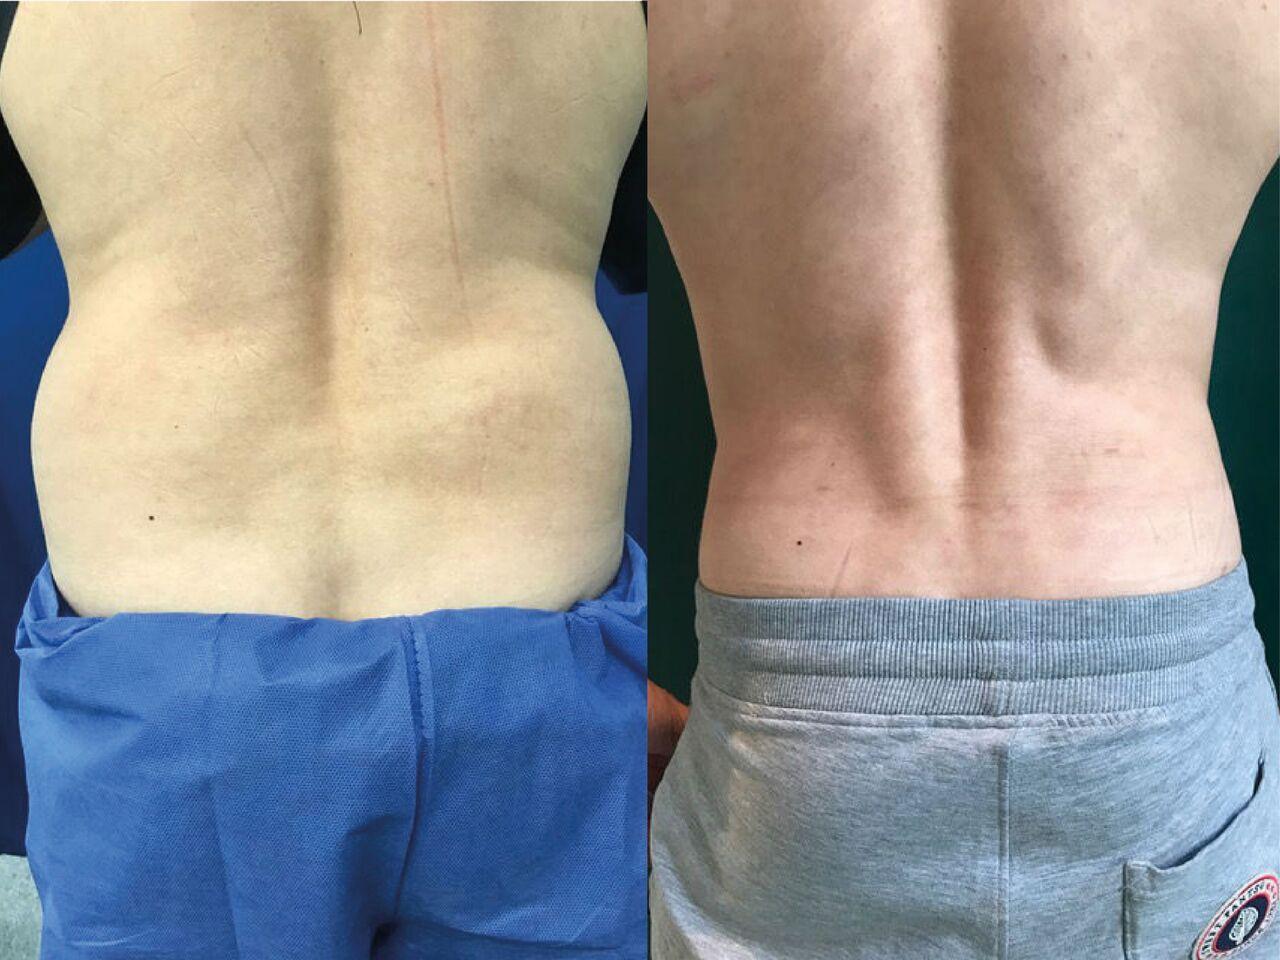 Liposuccion Hanches Homme Chirurgie Esthetique Lipoaspiration Montreux